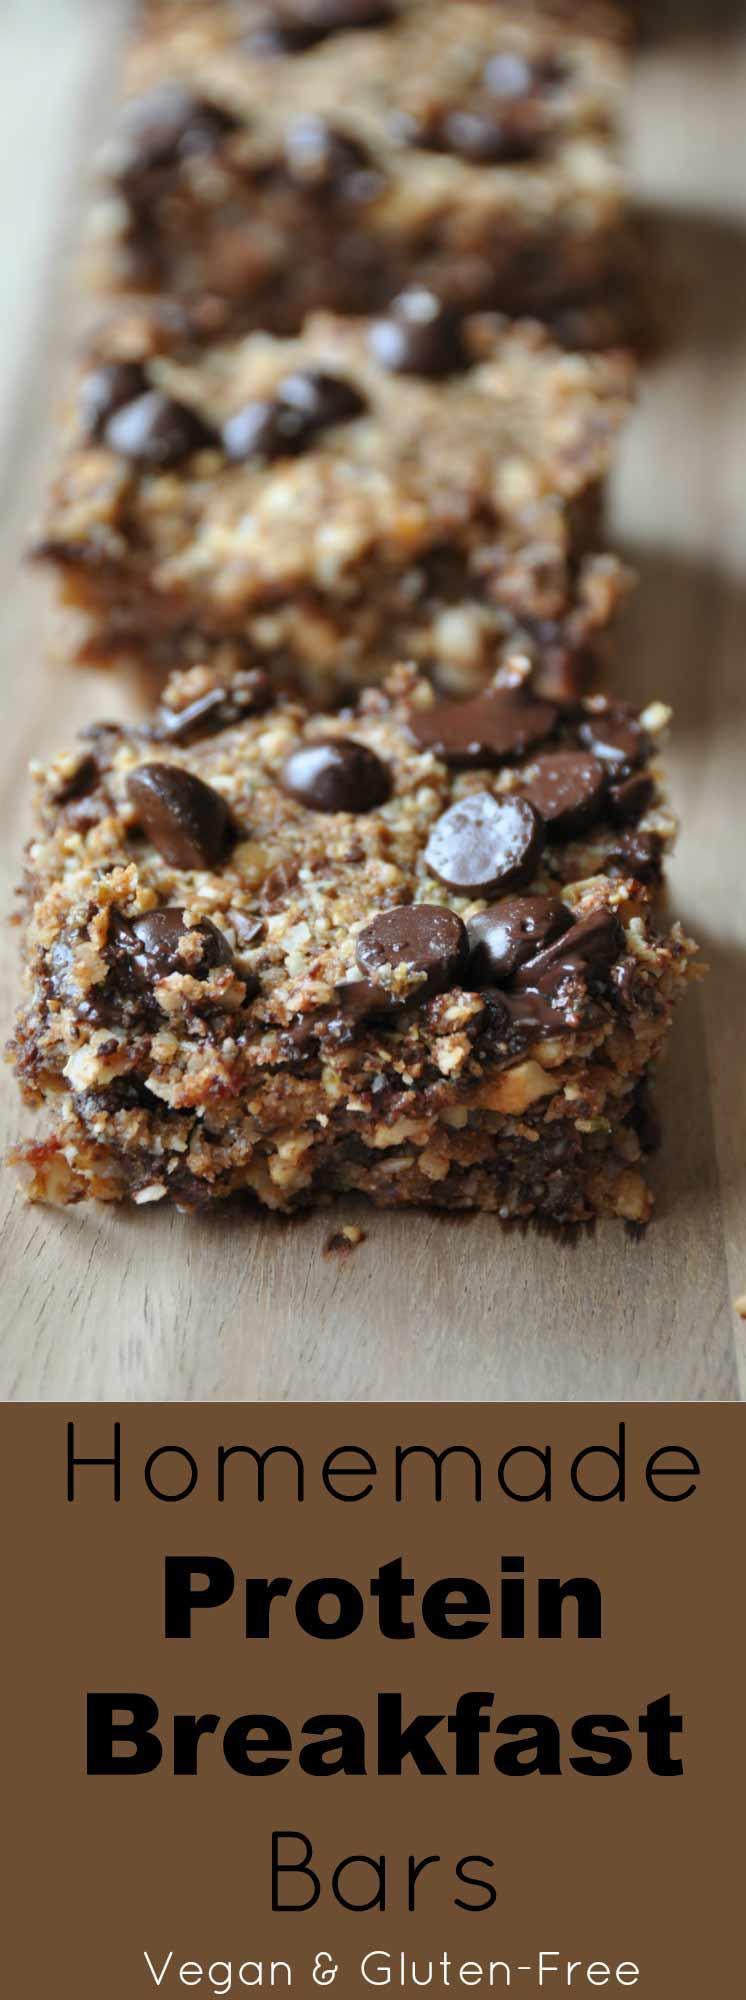 Homemade Protein Energy Breakfast Bars! Full of plant-based vegan protein. Gluten-Free!